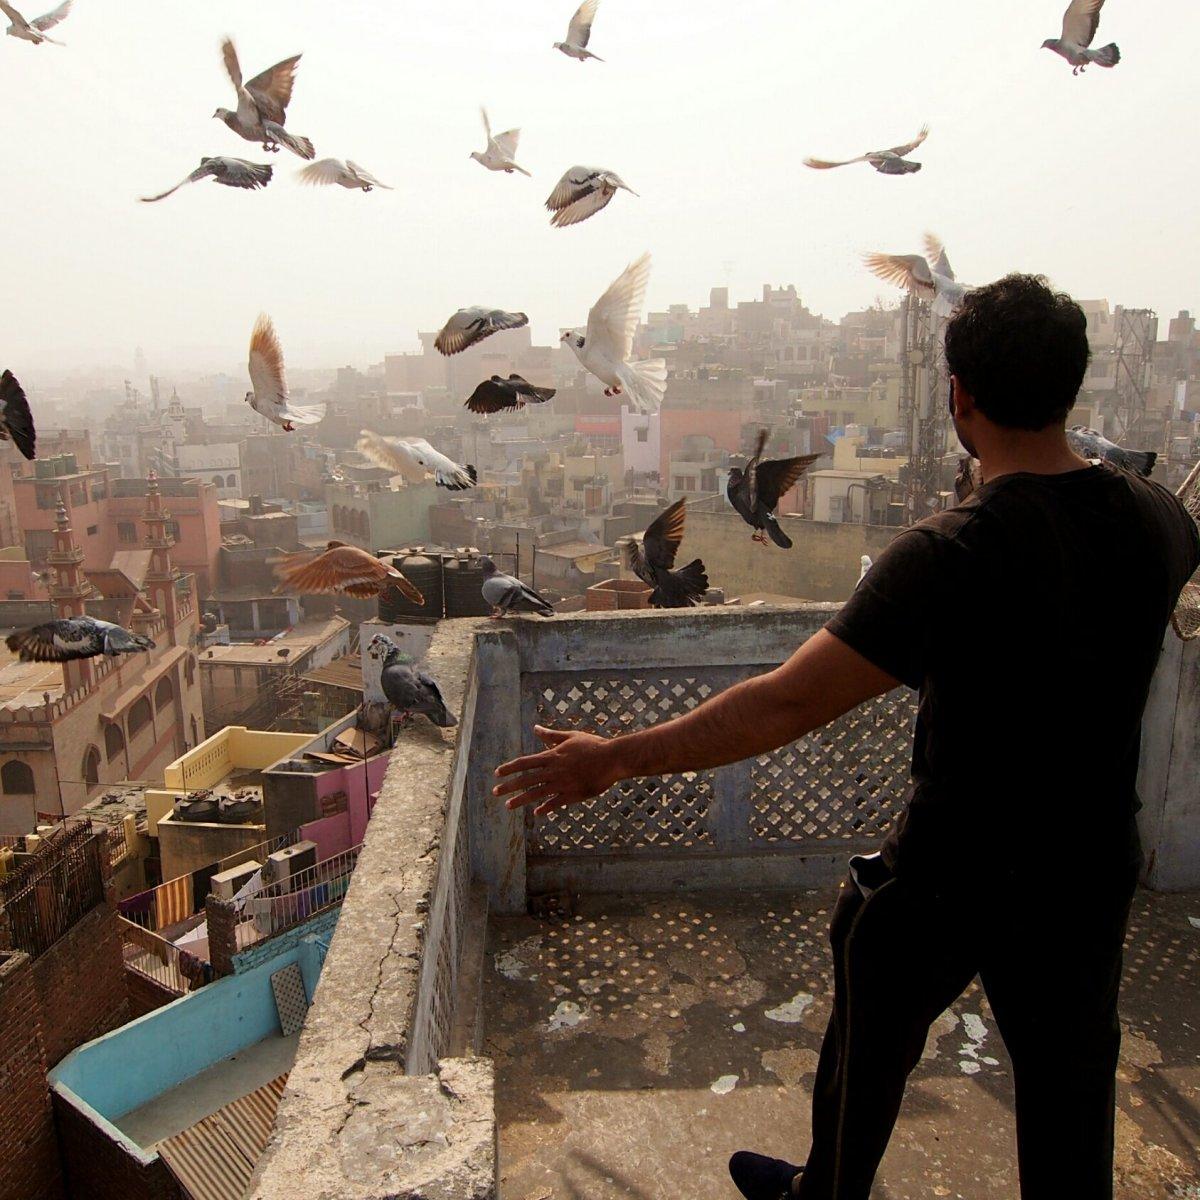 Salim faisant voler ses pigeons au-dessus des toits de Old Delhi